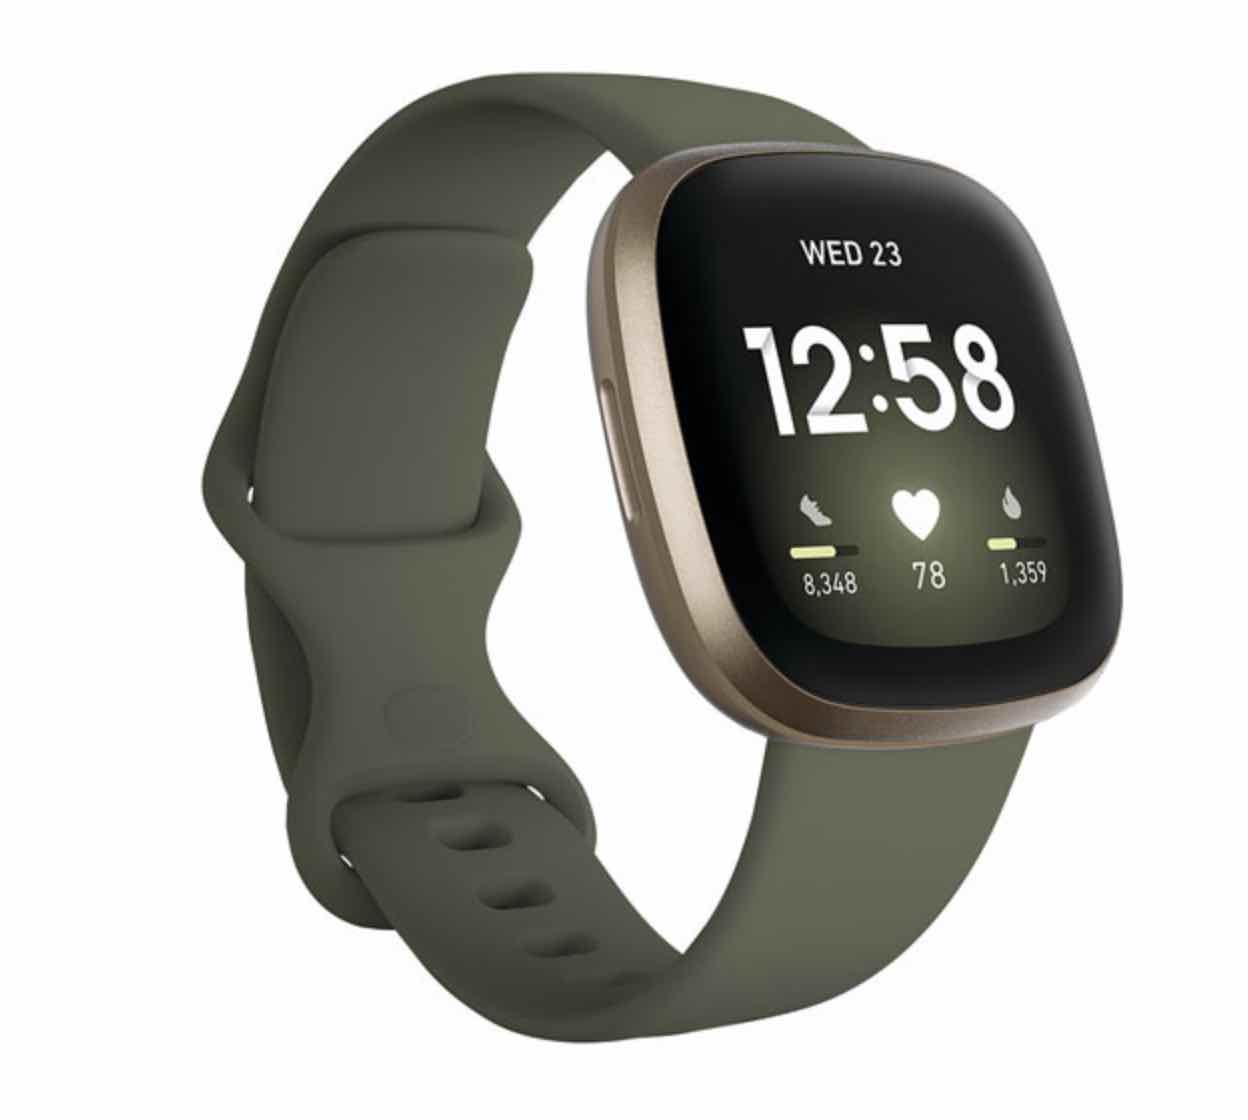 Fitbit gps watch